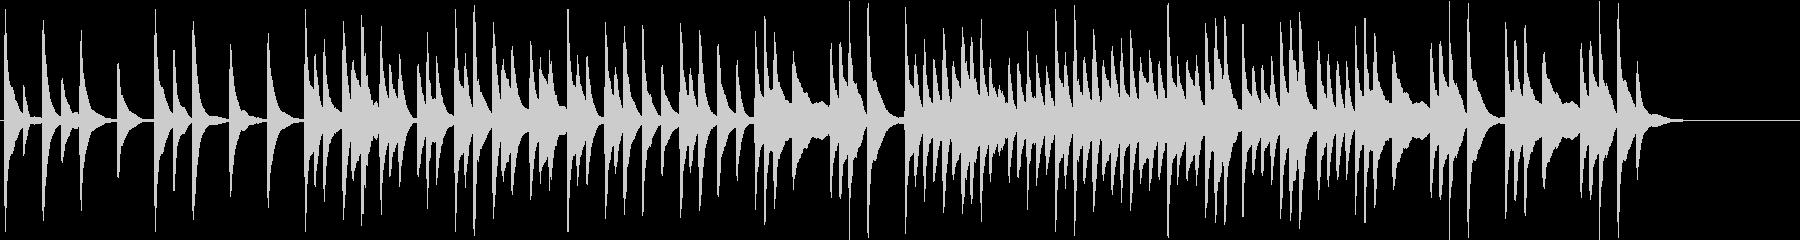 ハープの音で作ったリラックス出来そうな曲の未再生の波形